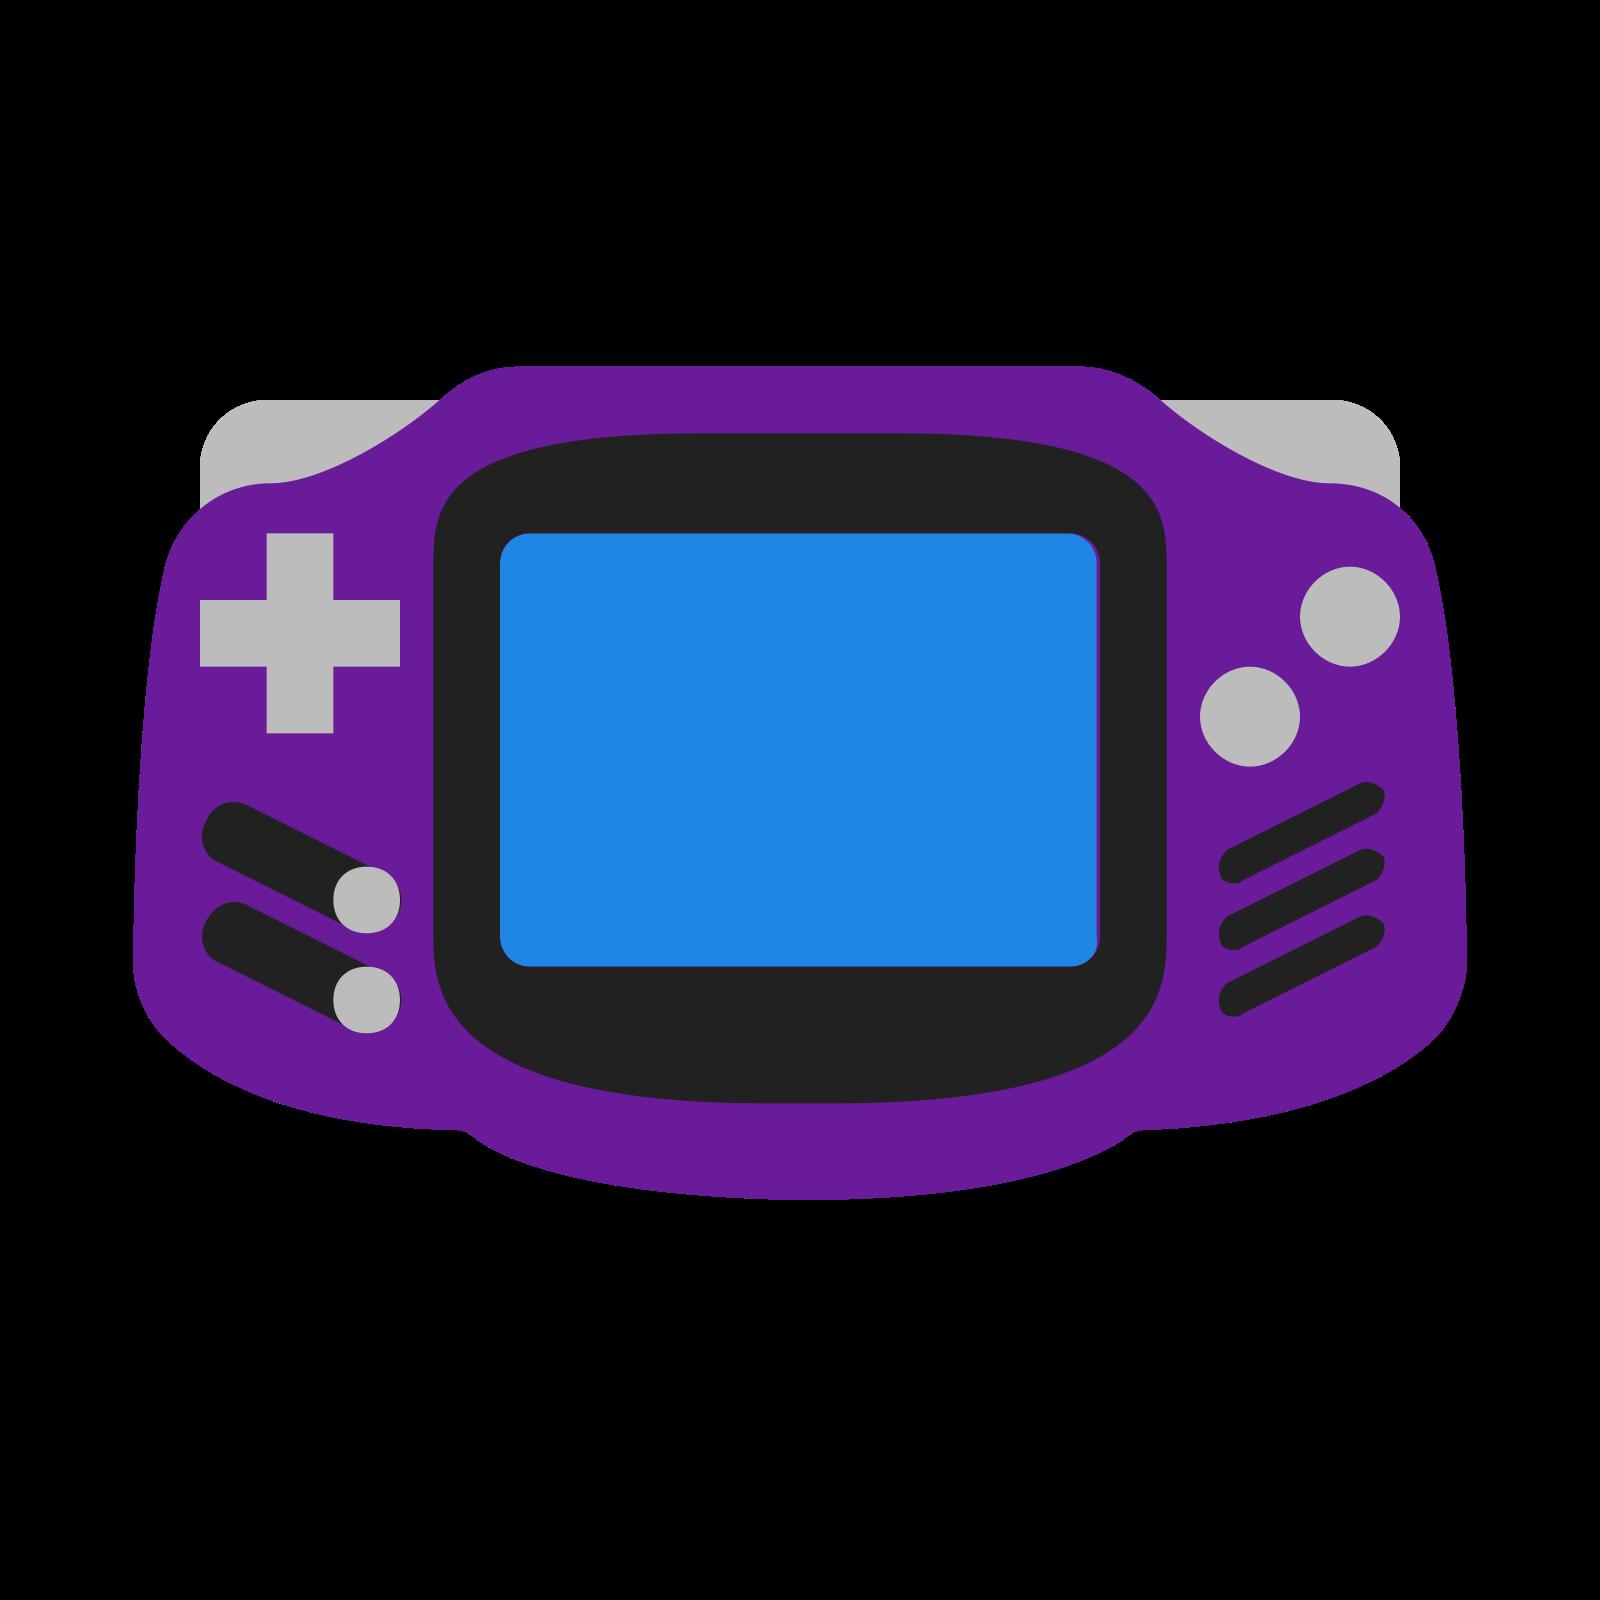 Boy color logo vector. Game clipart gameboy